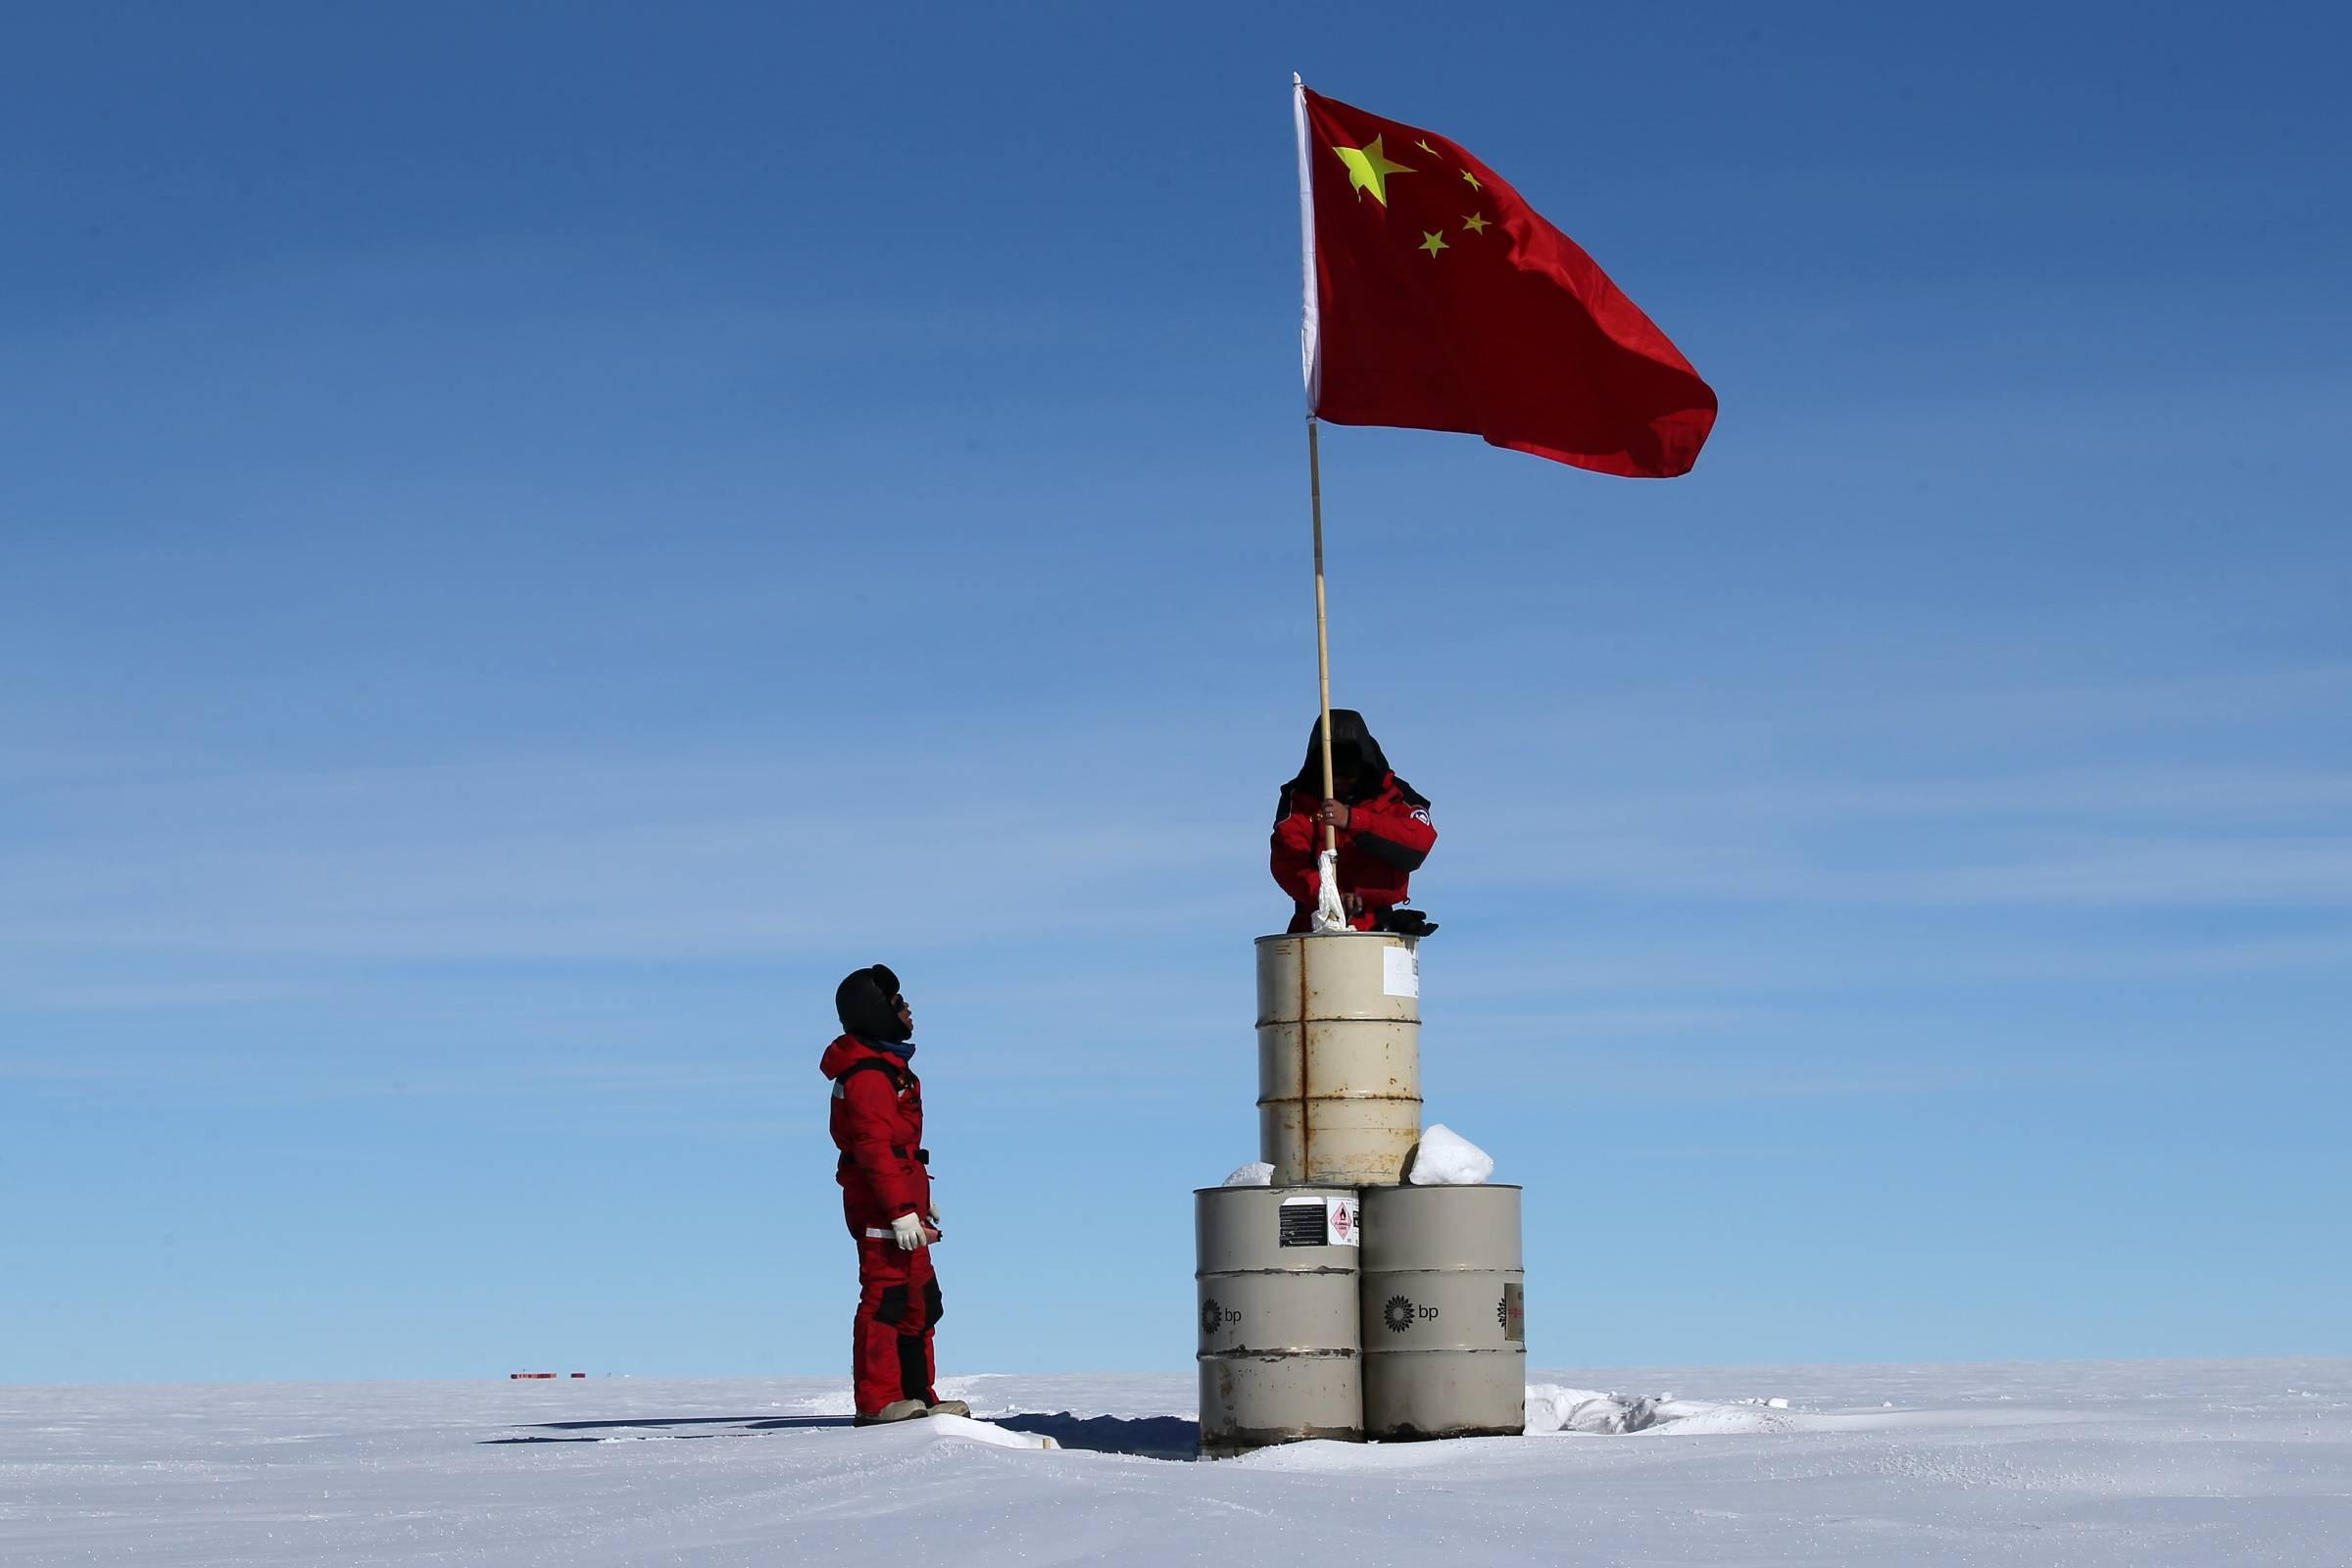 Ciência da China busca liderança, mas pressa e autoritarismo levam a desconfiança